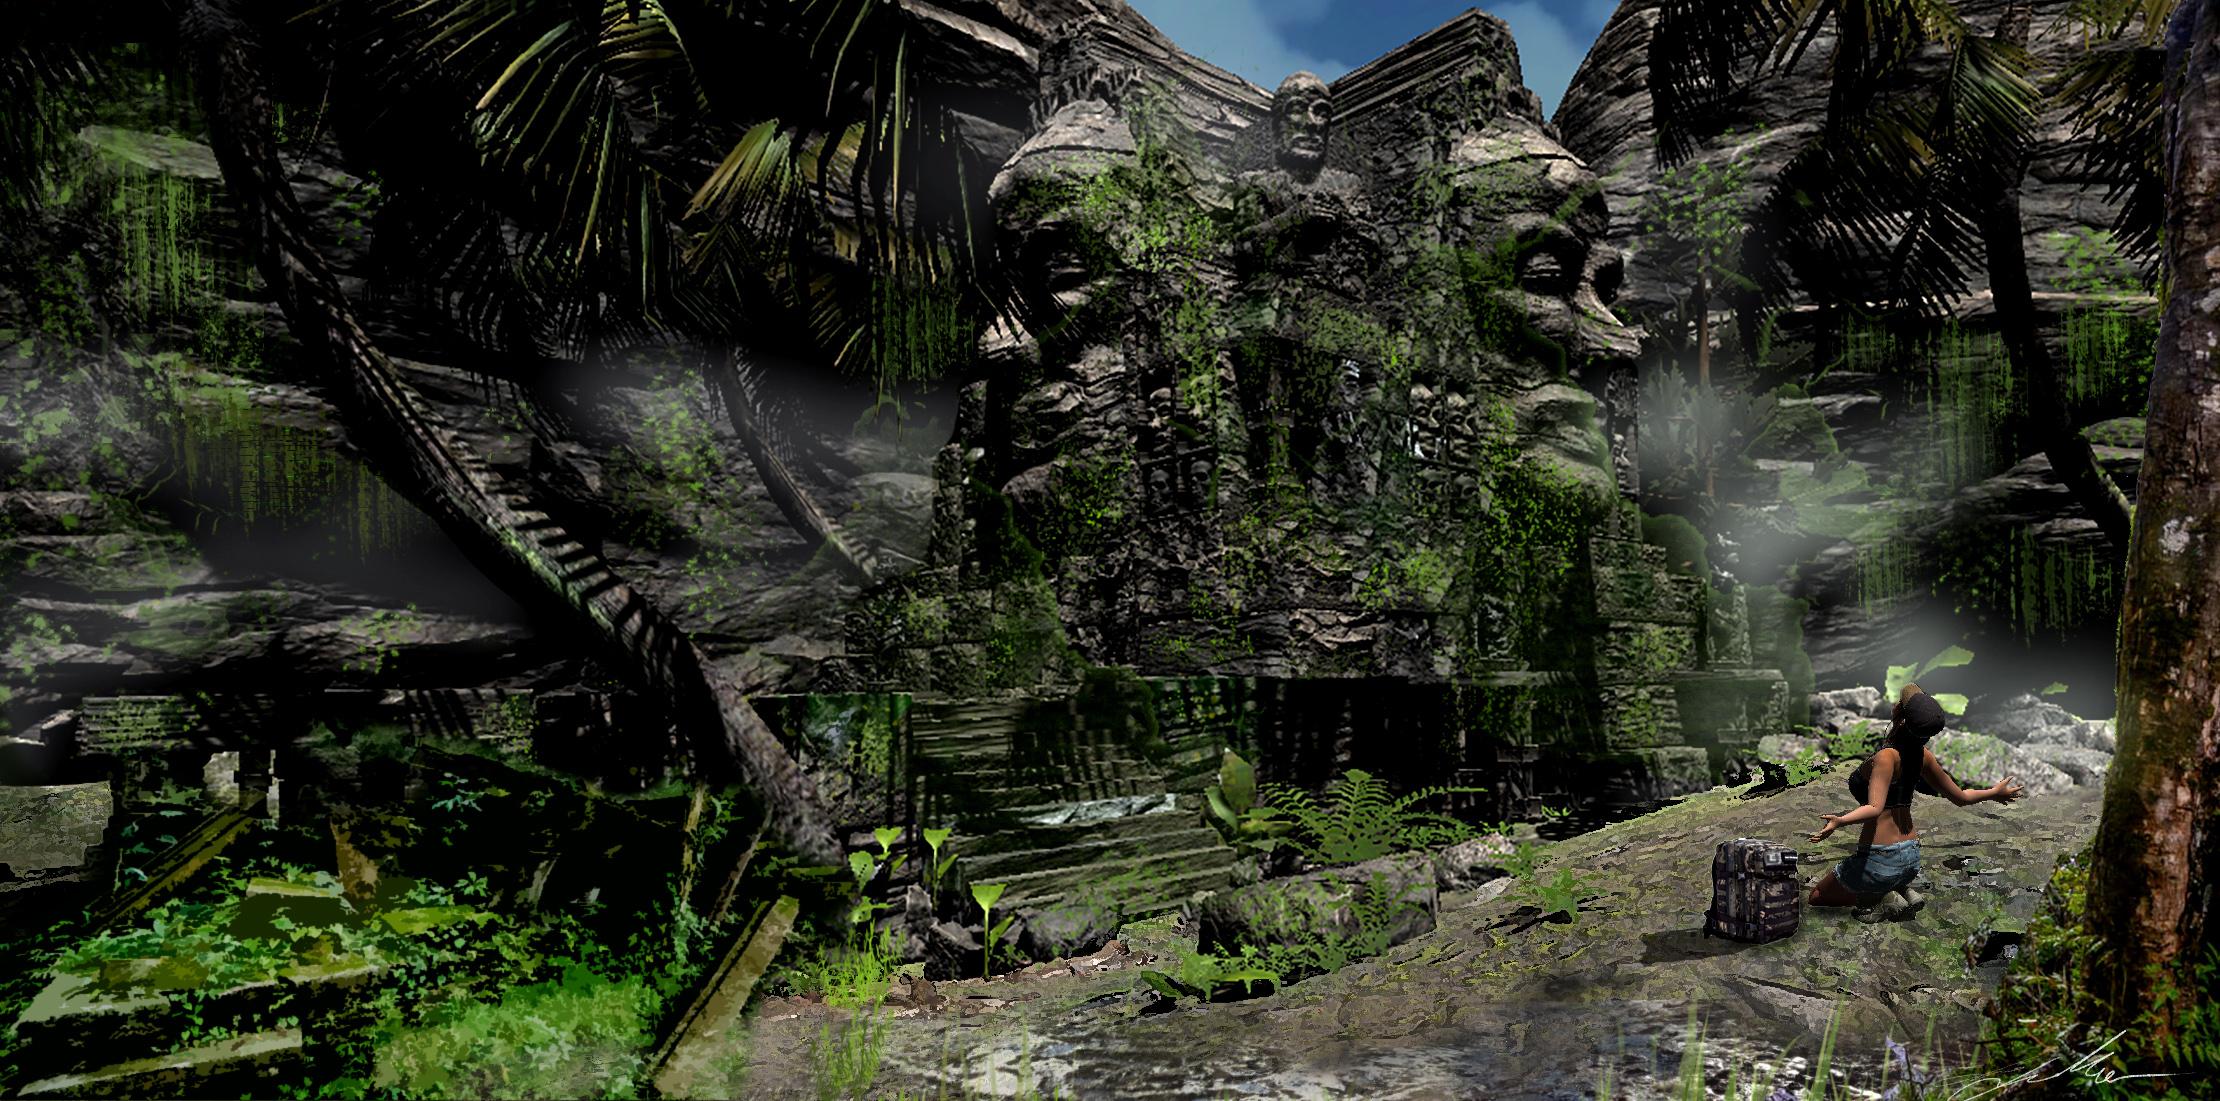 'Temple' Concept